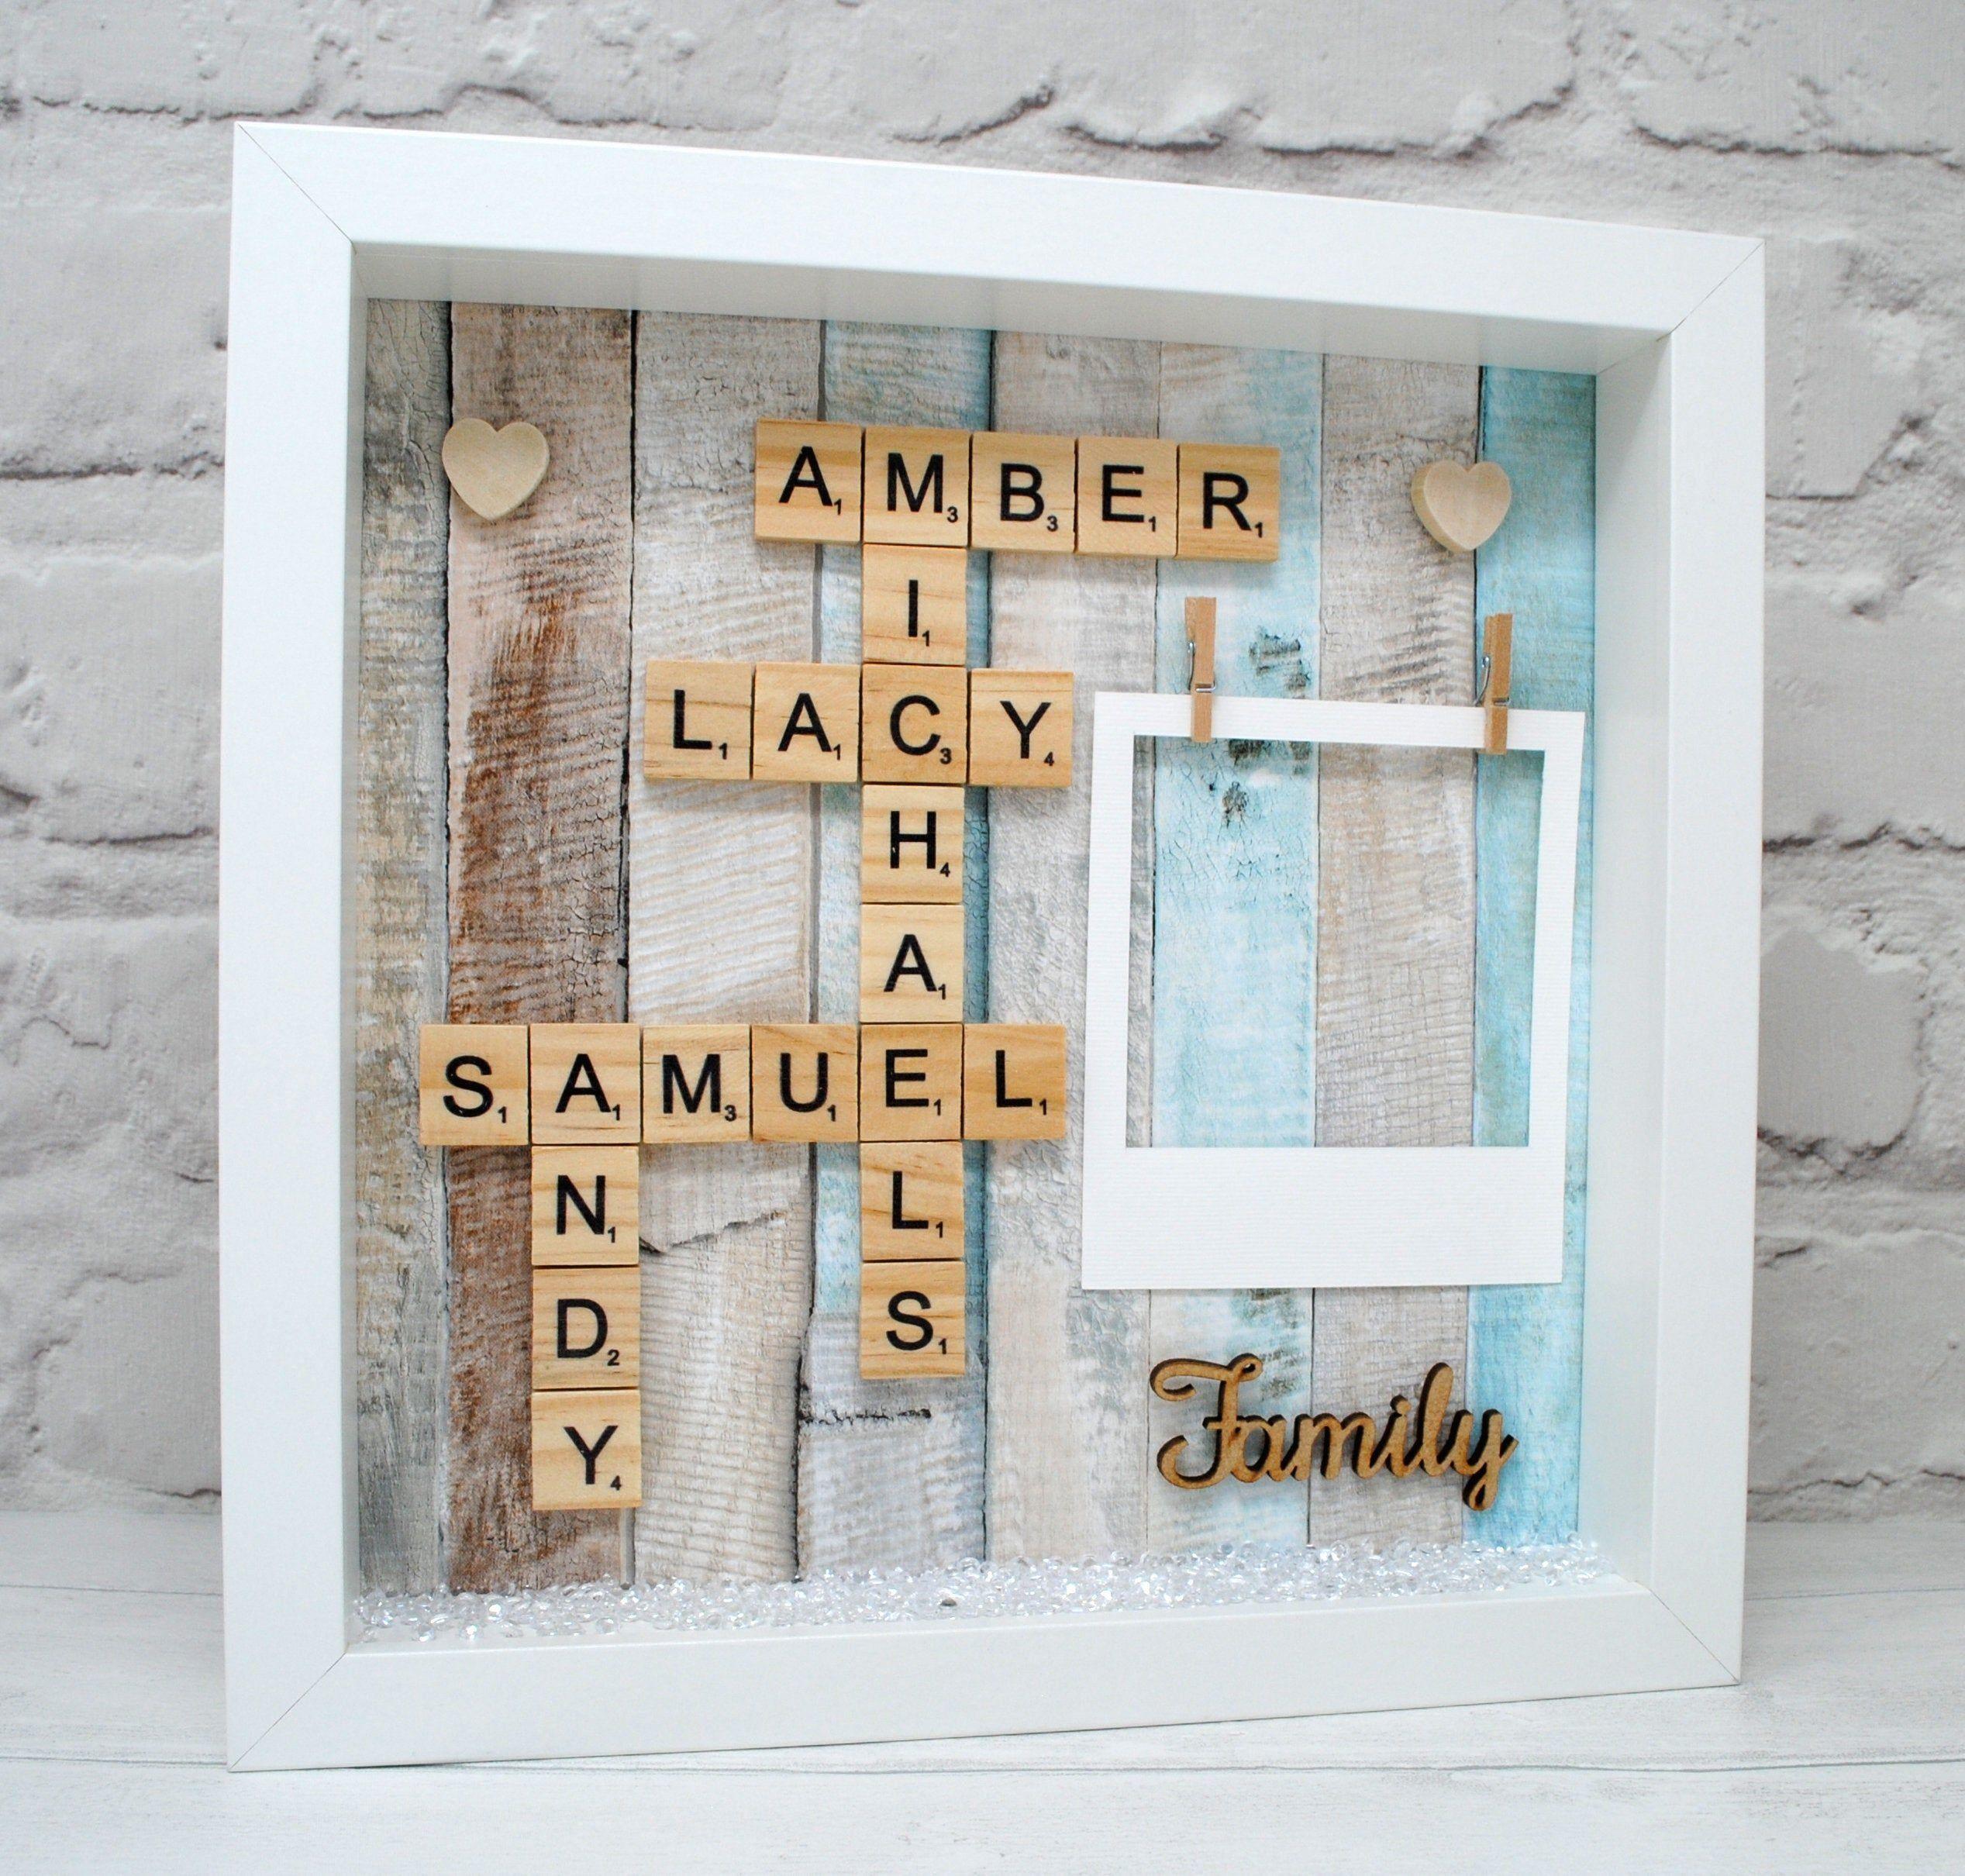 Personalised Family Names Photo Frame Wooden Scrabble Tile Wall Art Family Gift Birthday Gift M Scrabble Wall Art Scrabble Tile Wall Art Scrabble Art Frame